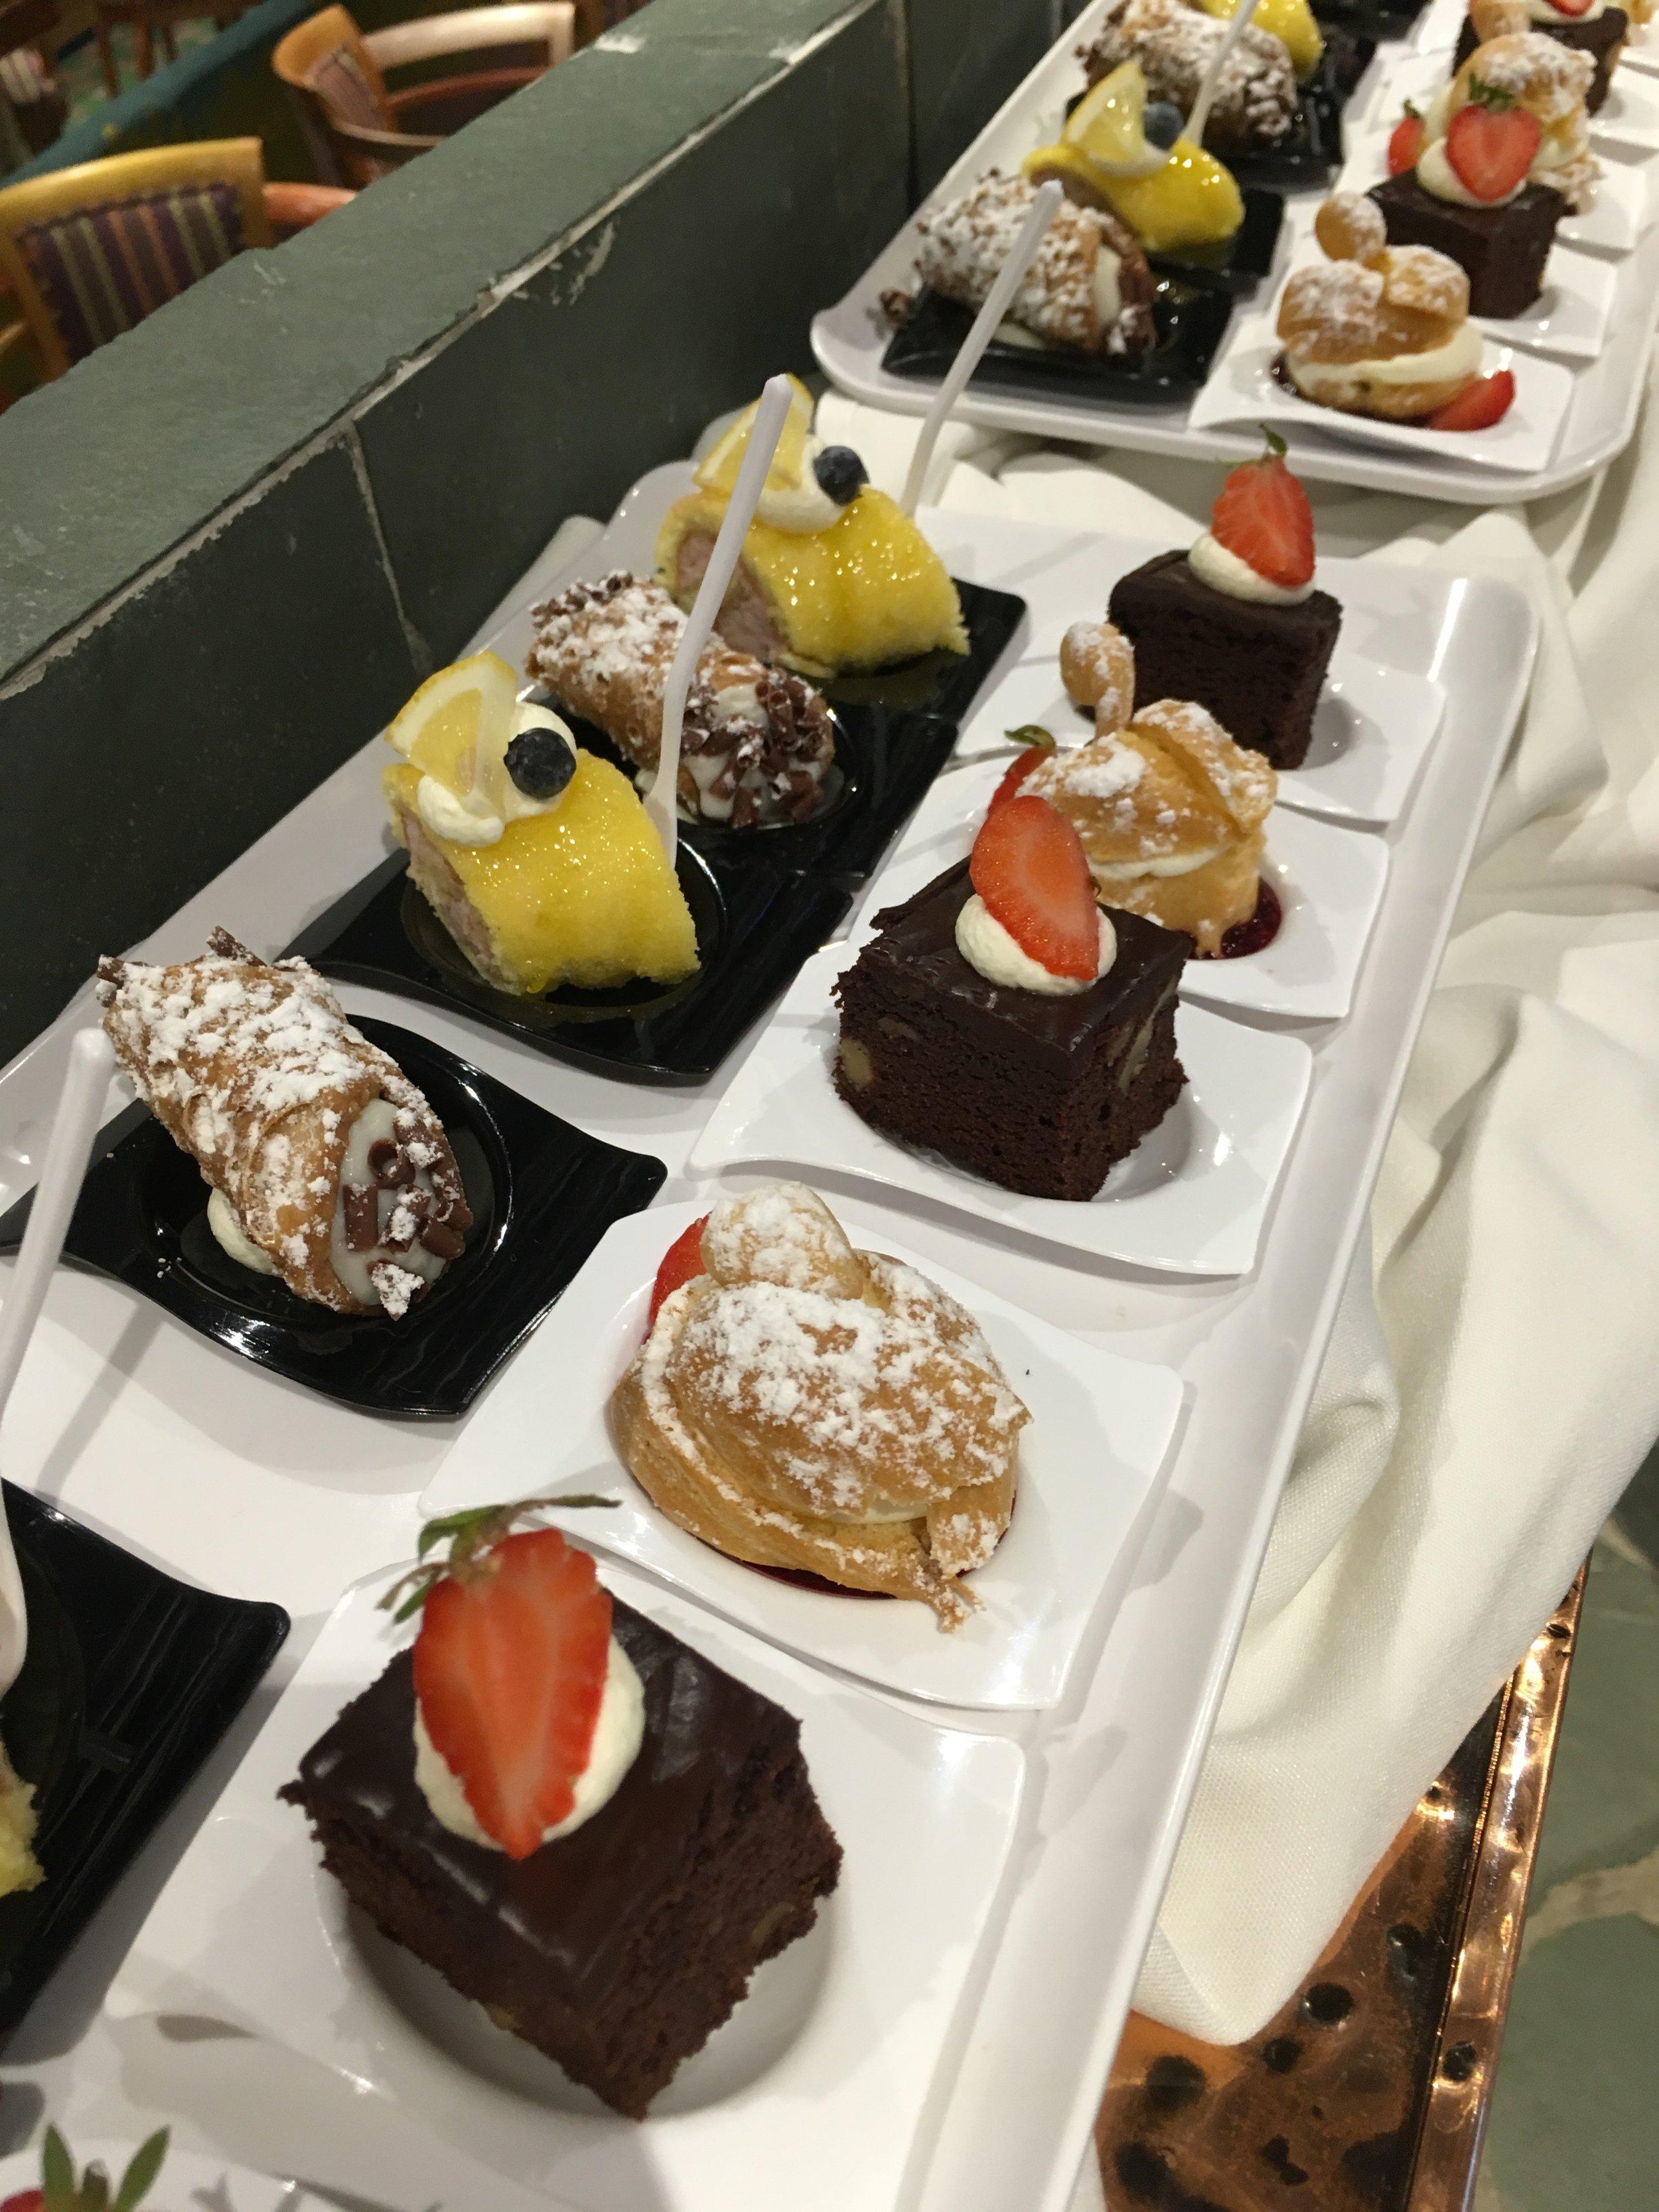 Dessert is served!